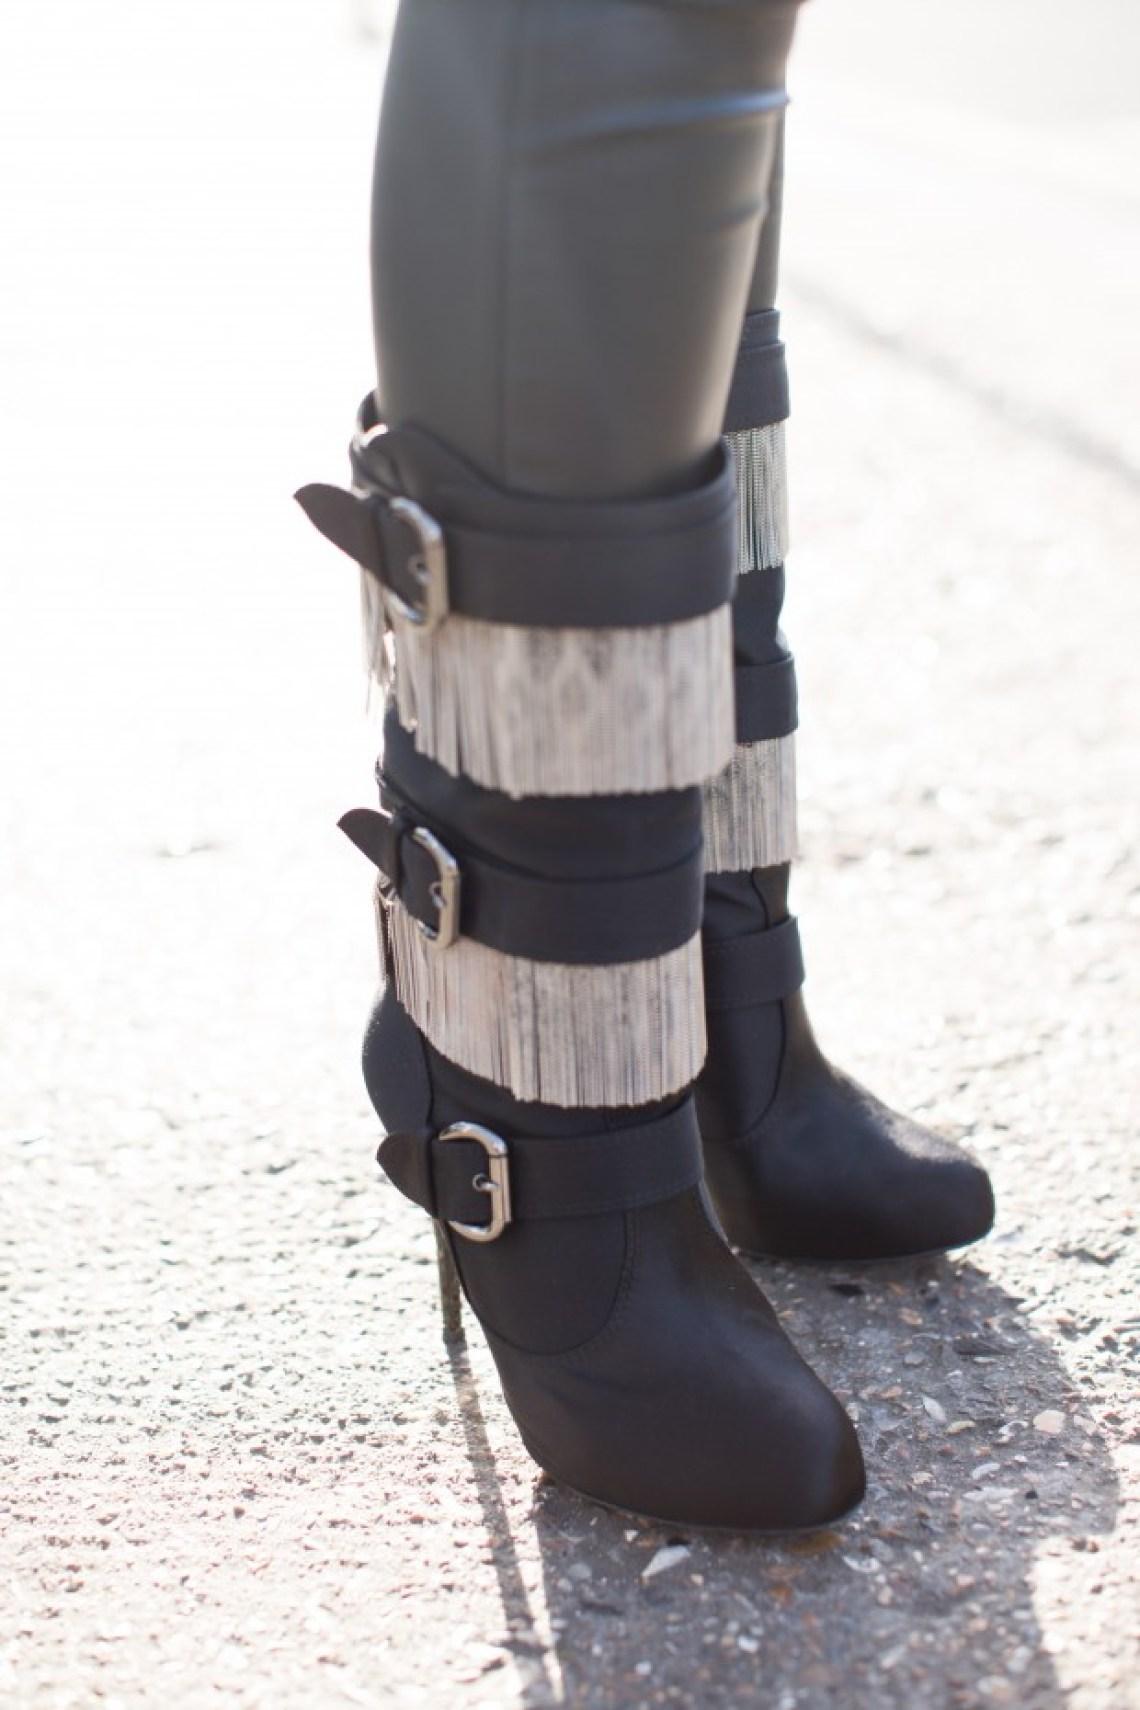 guiseppi zanotti boots